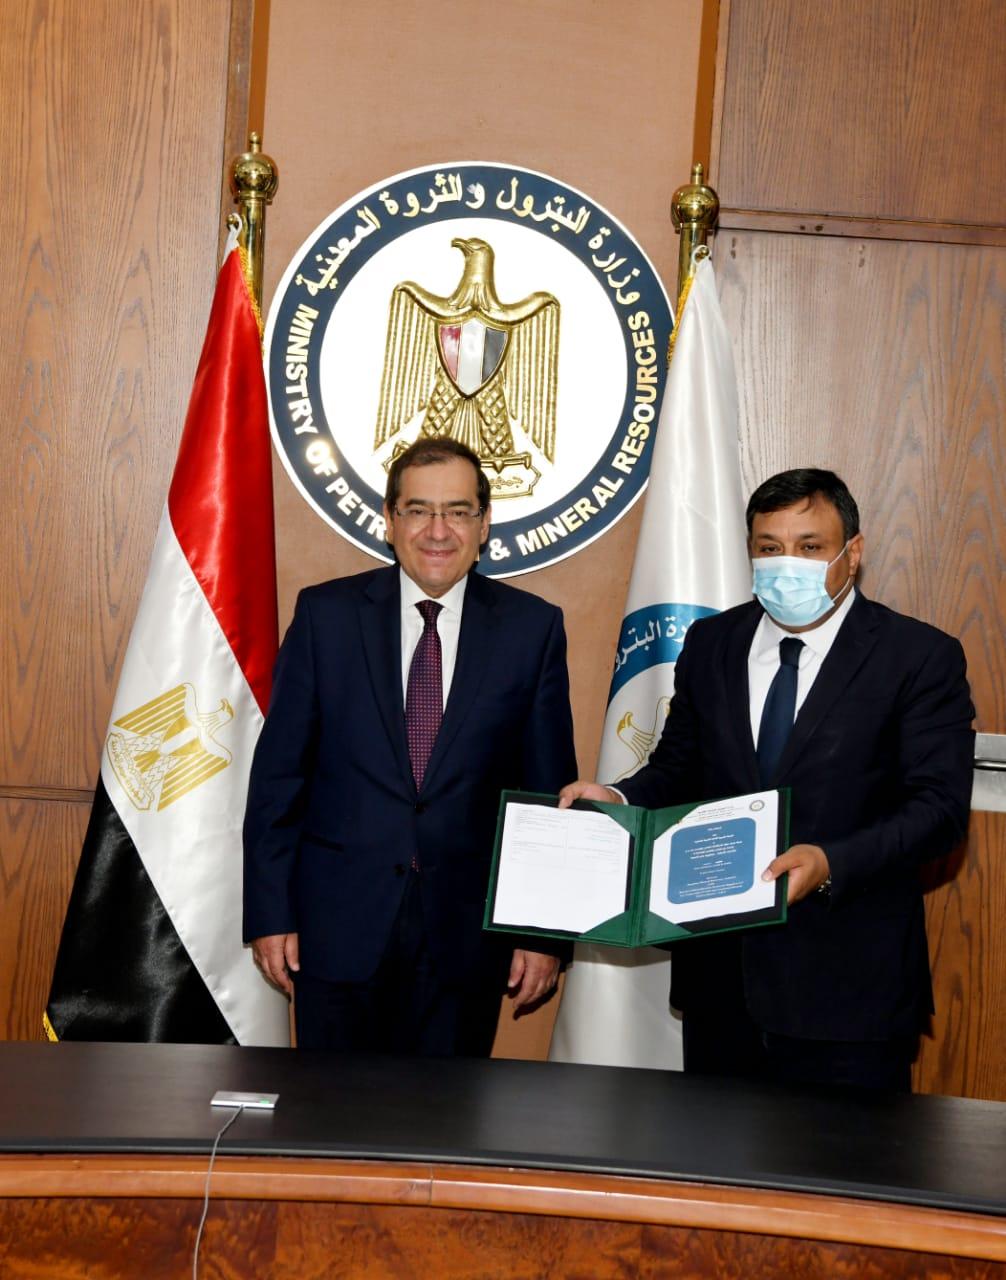 مصر توقع 4 عقود للبحث عن الذهب مع ثاني أكبر شركة إنتاج في العالم